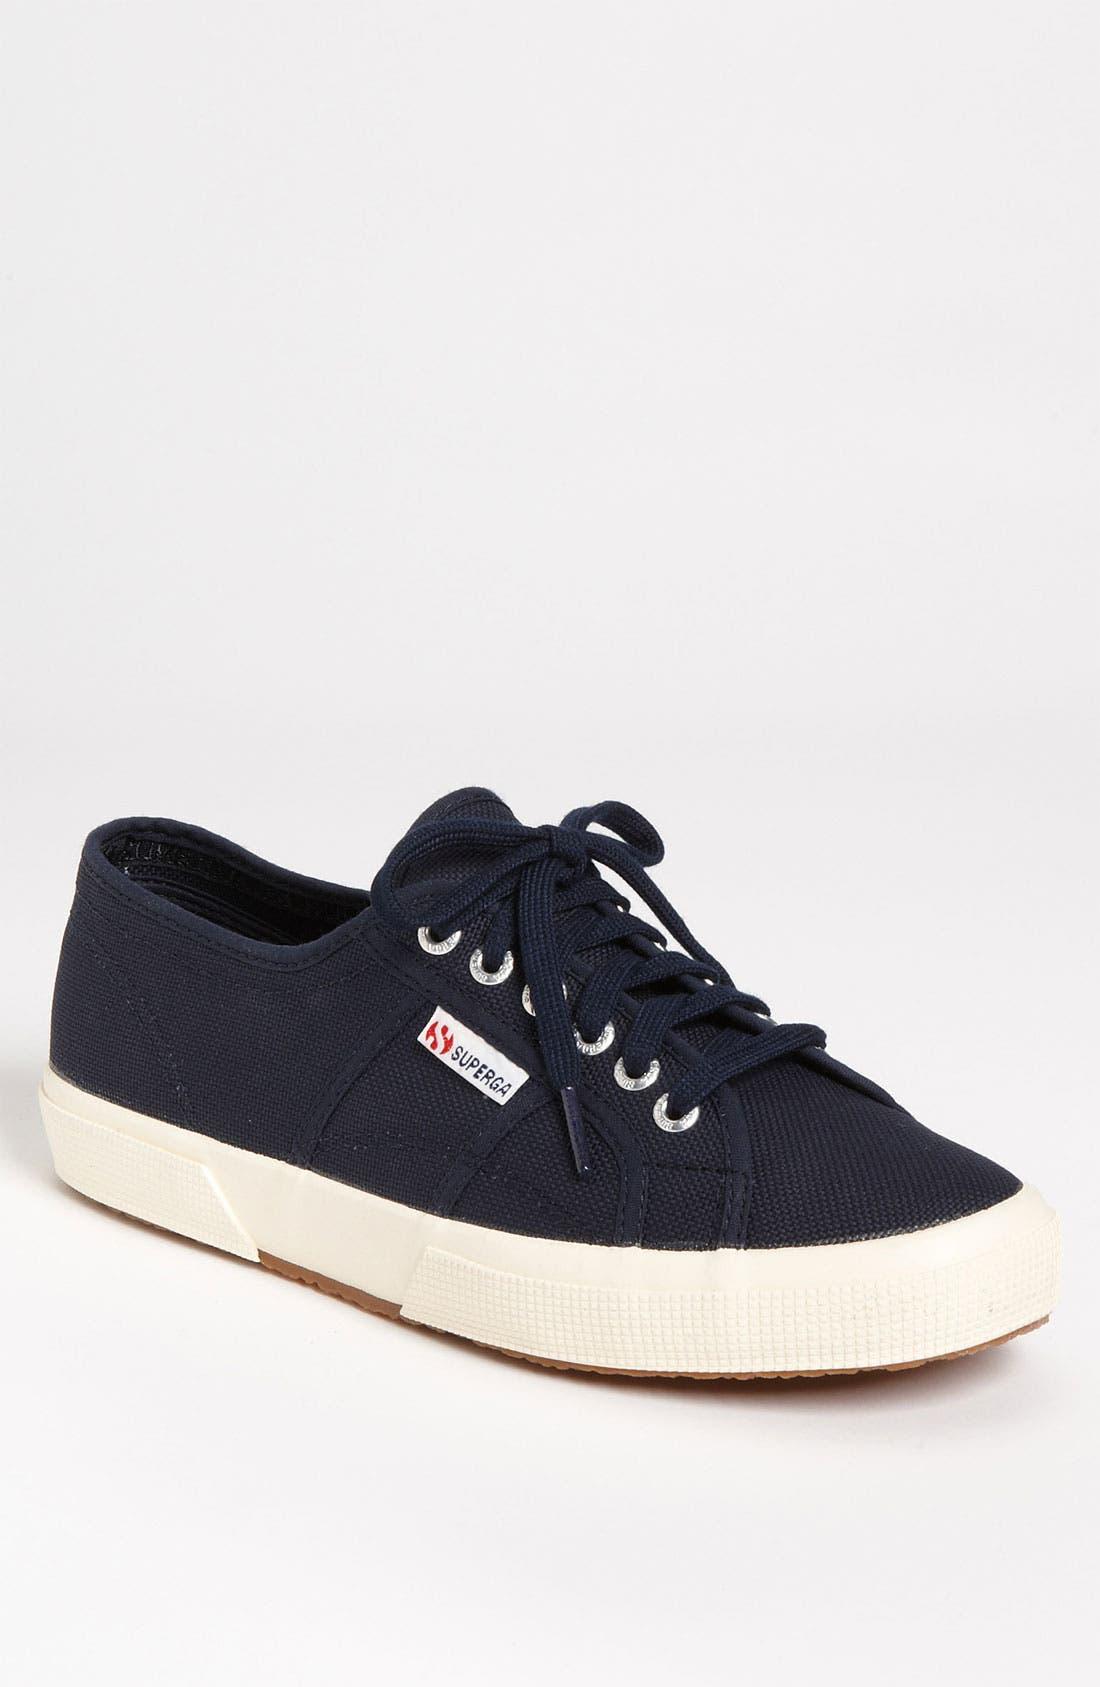 Main Image - Superga 'Cotu' Sneaker (Men)